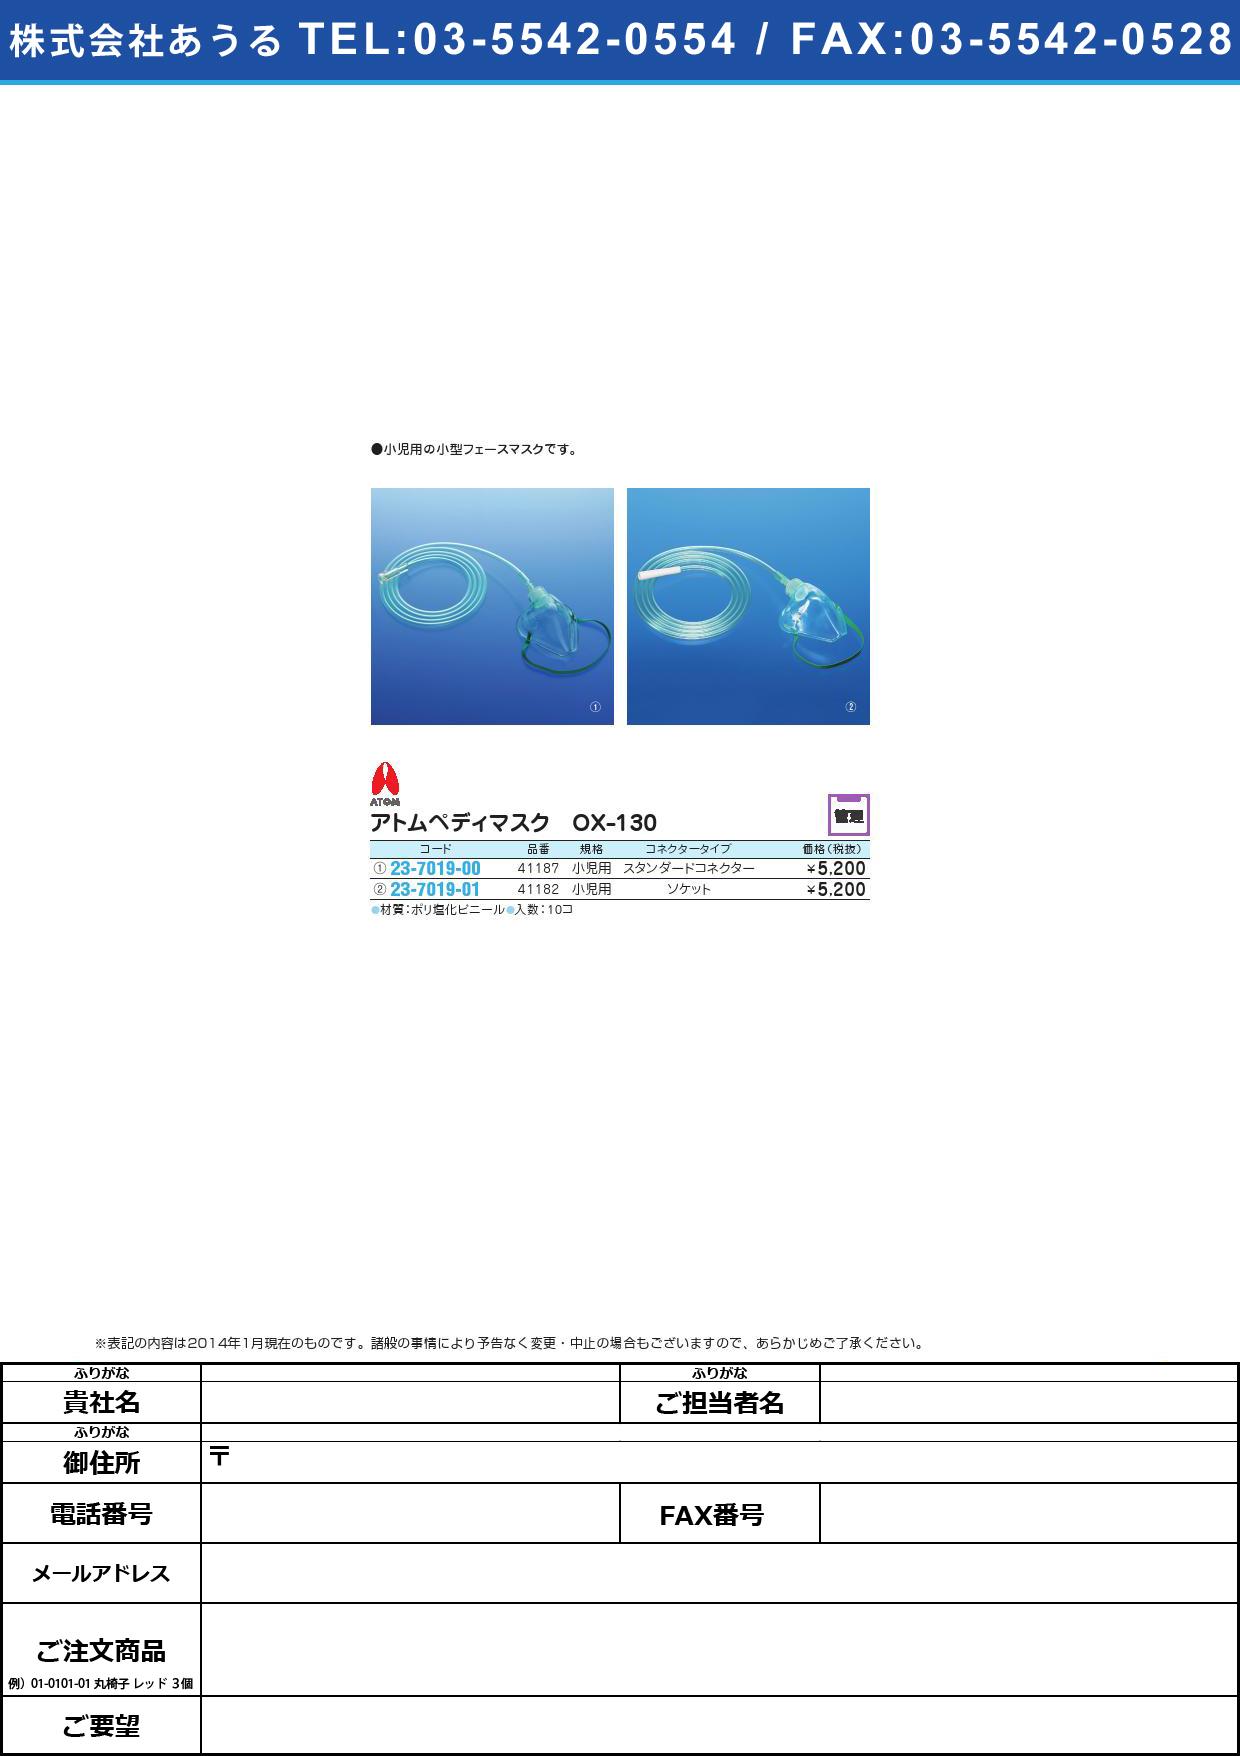 ペディマスクOX−130(小児用) ペディマスクOX-130ショウニヨウ 41182(ソケット)10イリ【1箱単位】(23-7019-01)